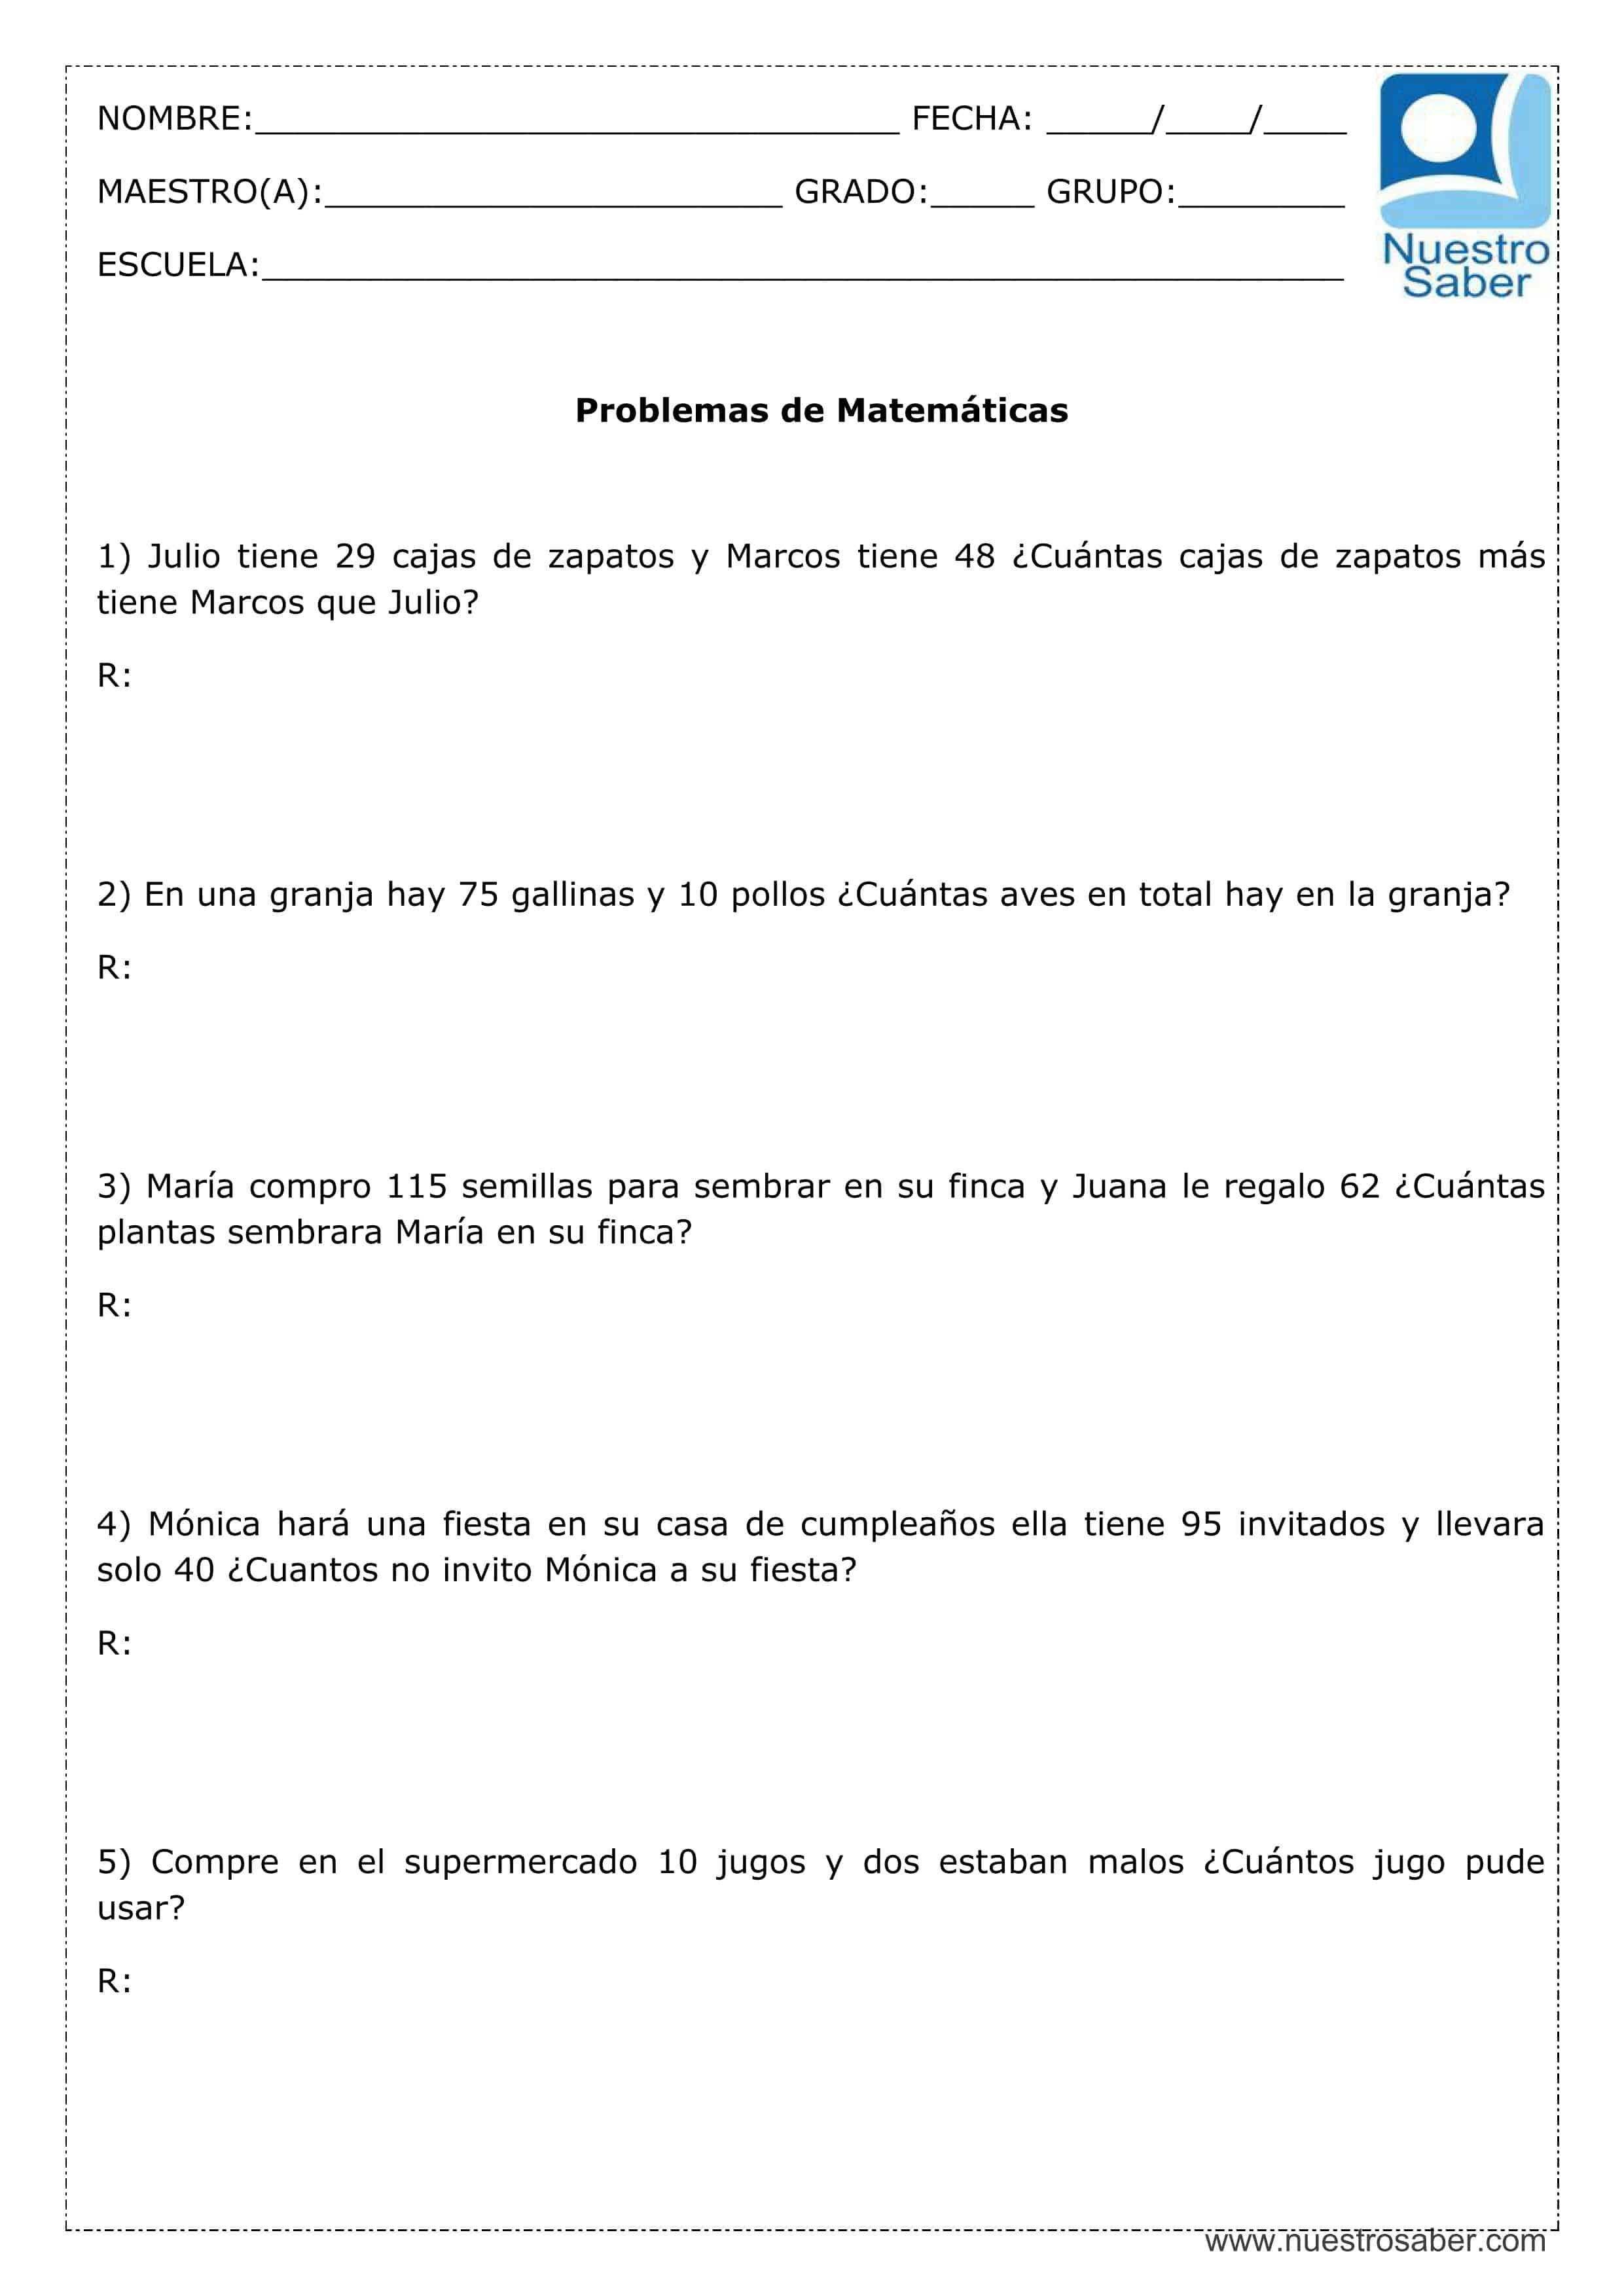 Problemas de Matemáticas: Suma y resta - Tercer grado primaria